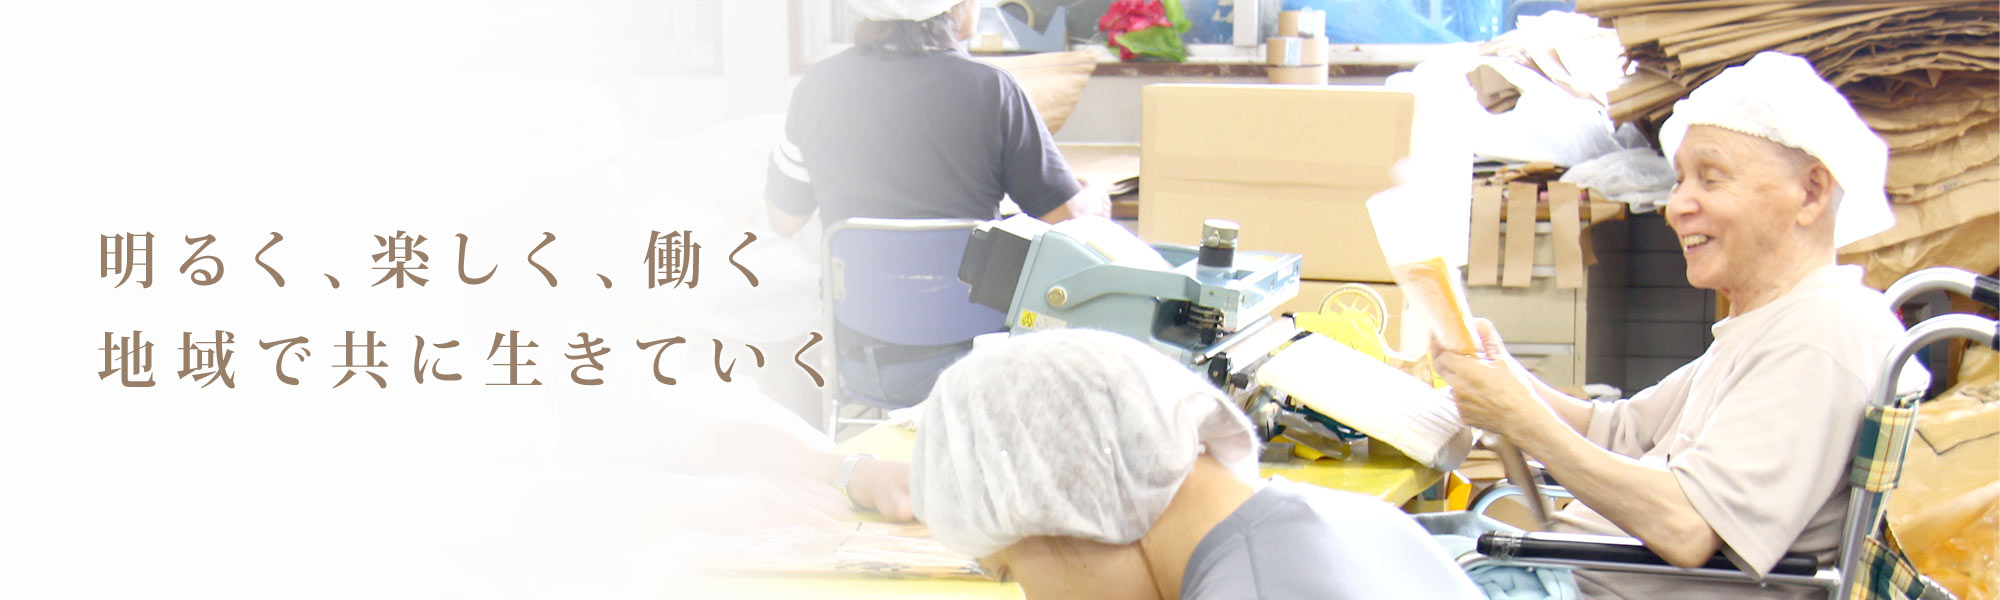 旭光園グループ 青森県平川市の就労サポート・短期入所・入所・生活支援を行う障がい者支援施設